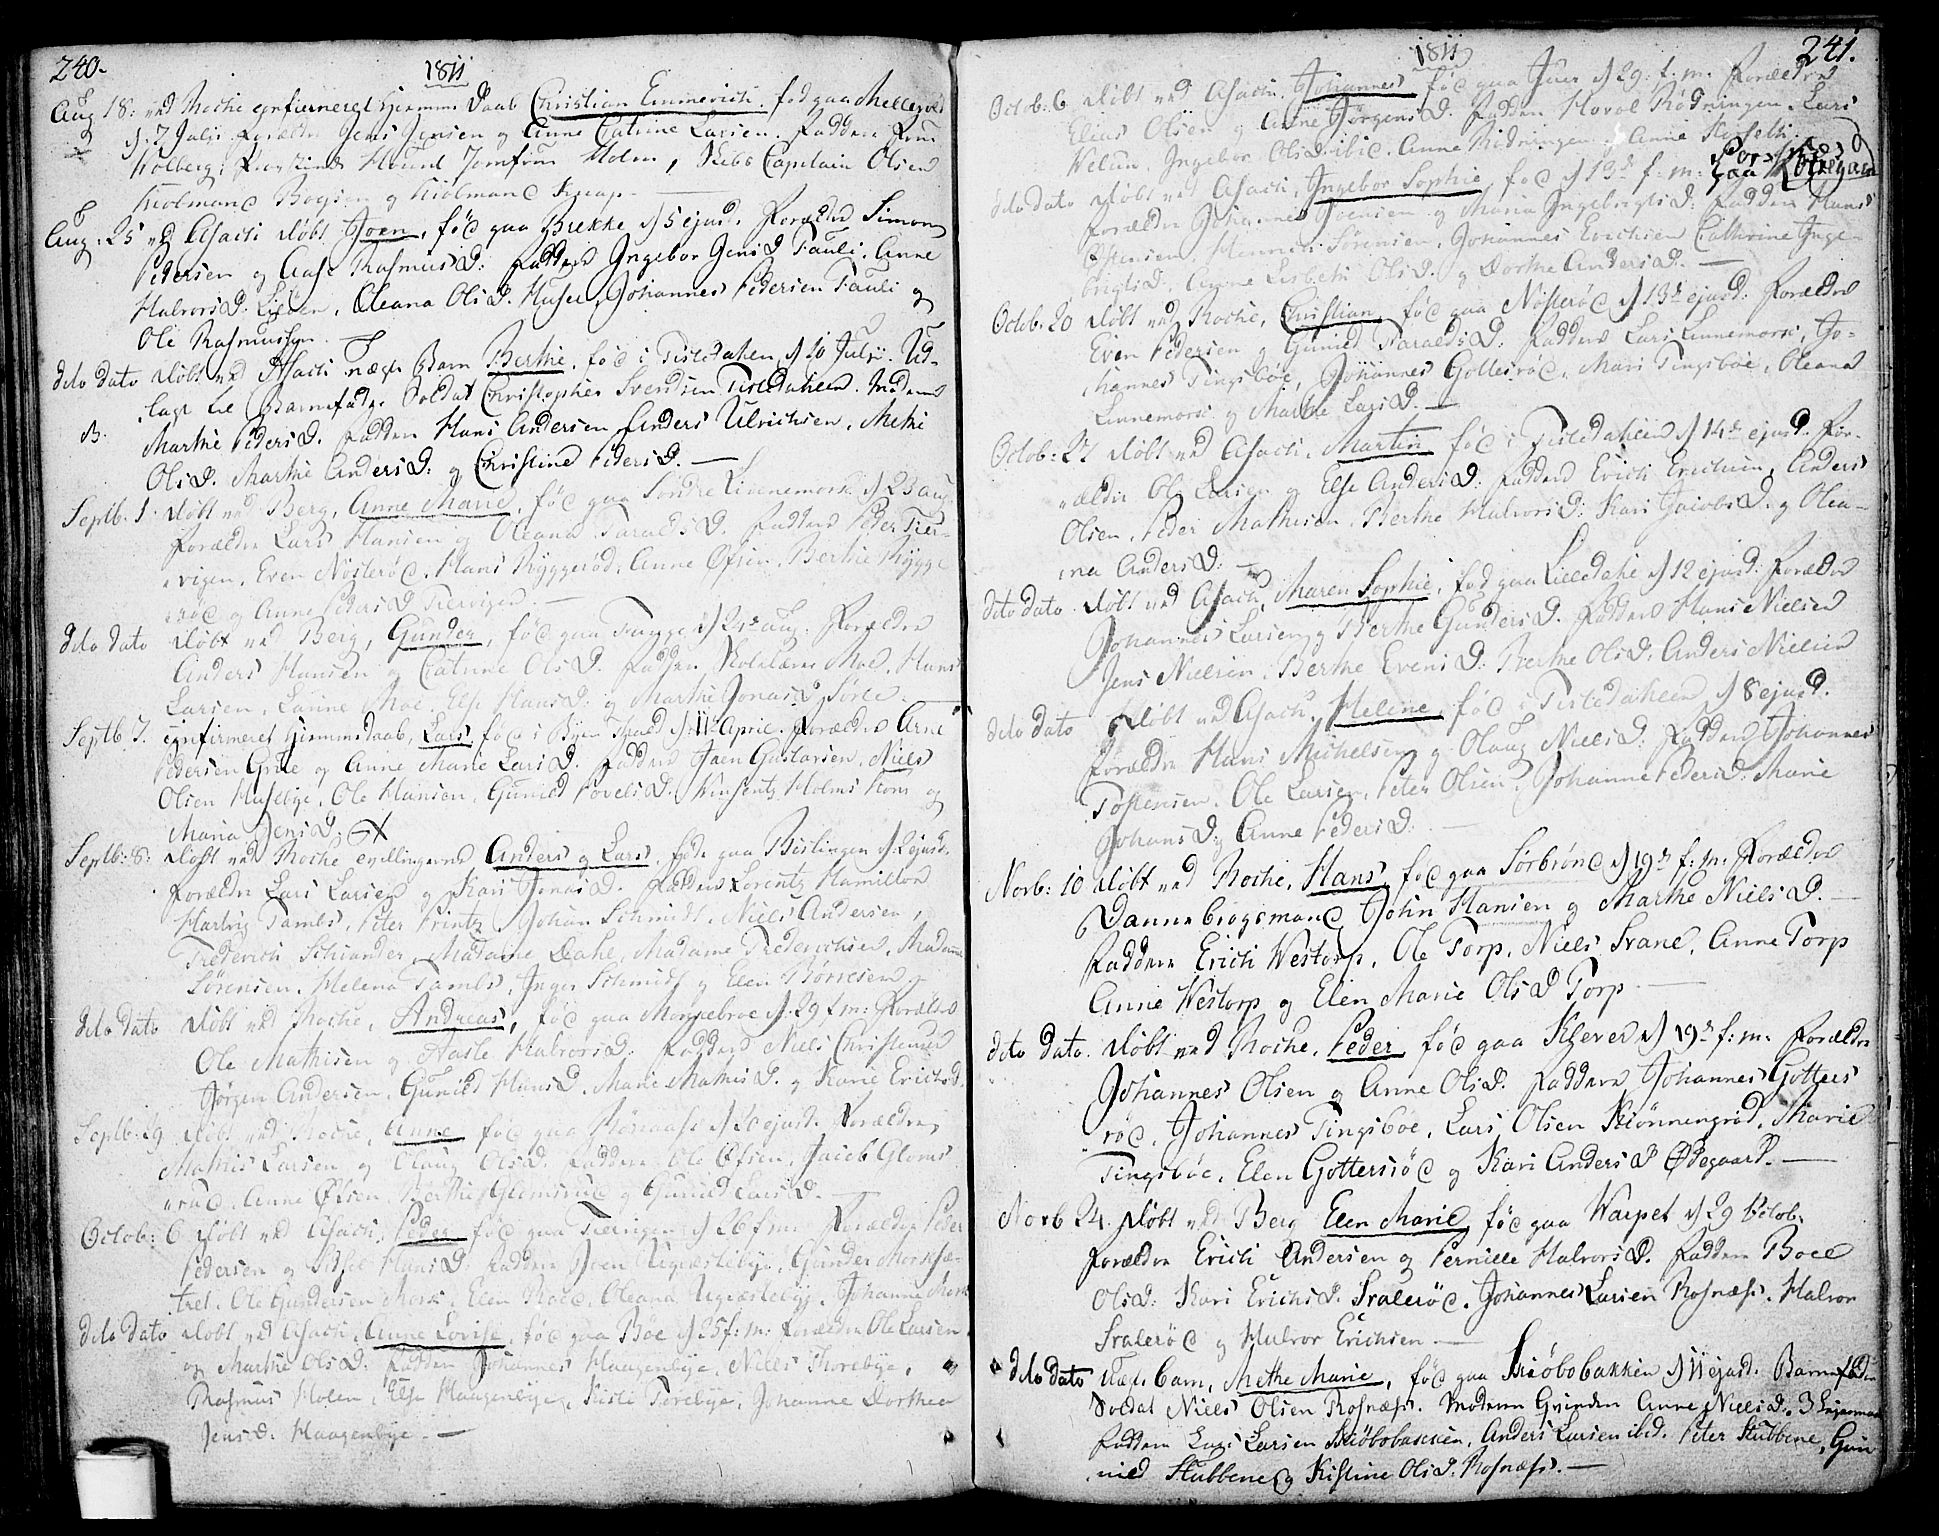 SAO, Berg prestekontor Kirkebøker, F/Fa/L0001: Ministerialbok nr. I 1, 1770-1814, s. 240-241